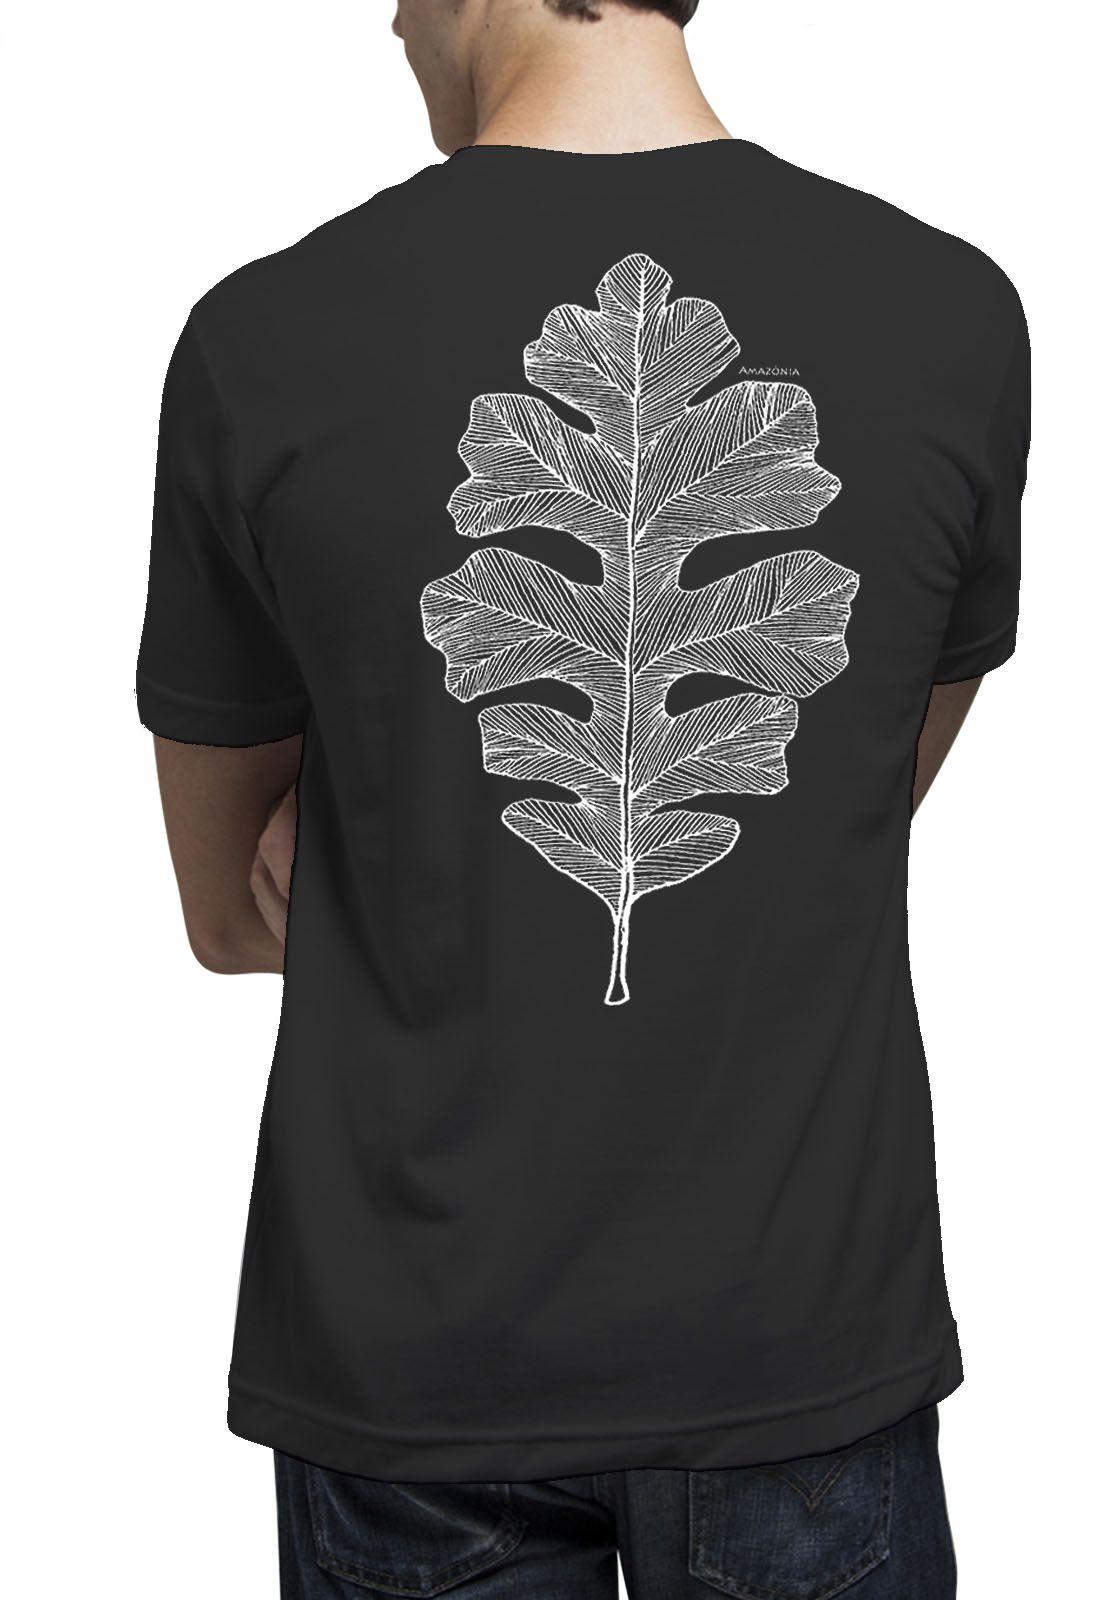 Camiseta Amazônia Folha Arte Gráfica - Preto